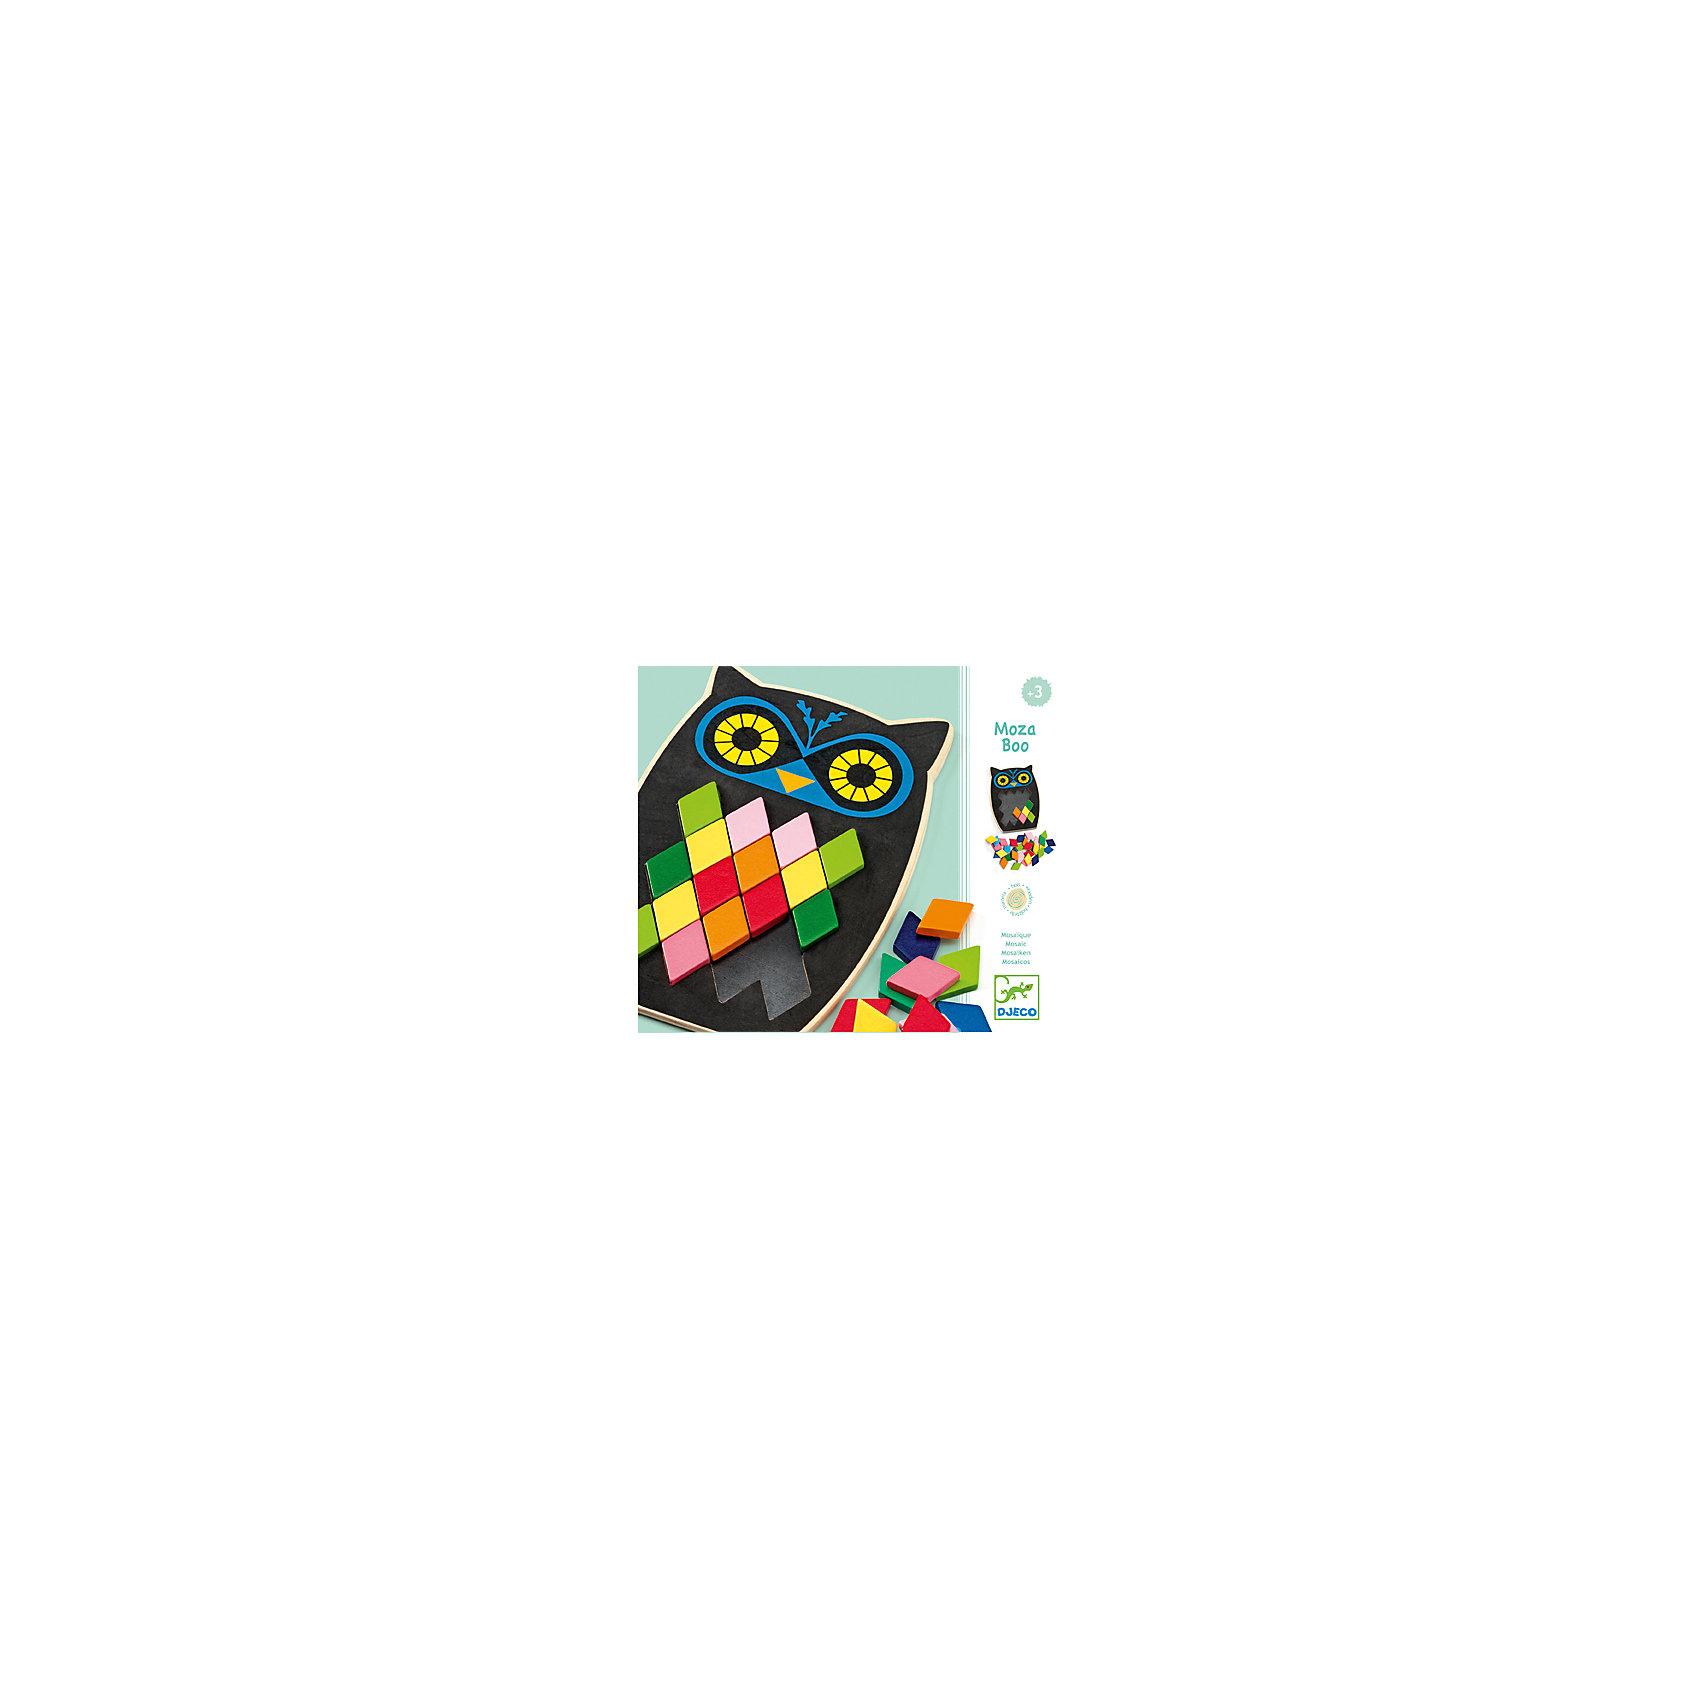 Мозаика Сова, DJECOРазвивающие игры<br>Мозаика Сова, Djeco (Джеко) - красочная развивающая игра для самых маленьких. В комплект входит деревянная фигурка забавой совы и разноцветные детали-ромбики на магнитах. Малышу предлагается заполнить туловище совы с пустыми ячейками узором из ромбиков. Он может следовать инструкциям на карточках с заданиями или придумывать свои цветовые сочетания. Все детали изготовлены из высококачественных материалов и покрыты безопасными красками. Игра развивает творческое воображение, пространственное мышление и фантазию, тренирует<br>мелкую моторику.<br><br>Дополнительная информация:<br><br>- В комплекте: основа-сова, 10 карточек с заданиями, 57 маленьких разноцветных ромбов.<br>- Материал: дерево.<br>- Размер упаковки: 13,5 x 20 x 6 см.<br><br>Мозаику Сова, Djeco (Джеко), можно купить в нашем интернет-магазине.<br><br>Ширина мм: 190<br>Глубина мм: 280<br>Высота мм: 10<br>Вес г: 50<br>Возраст от месяцев: 36<br>Возраст до месяцев: 84<br>Пол: Унисекс<br>Возраст: Детский<br>SKU: 4215012